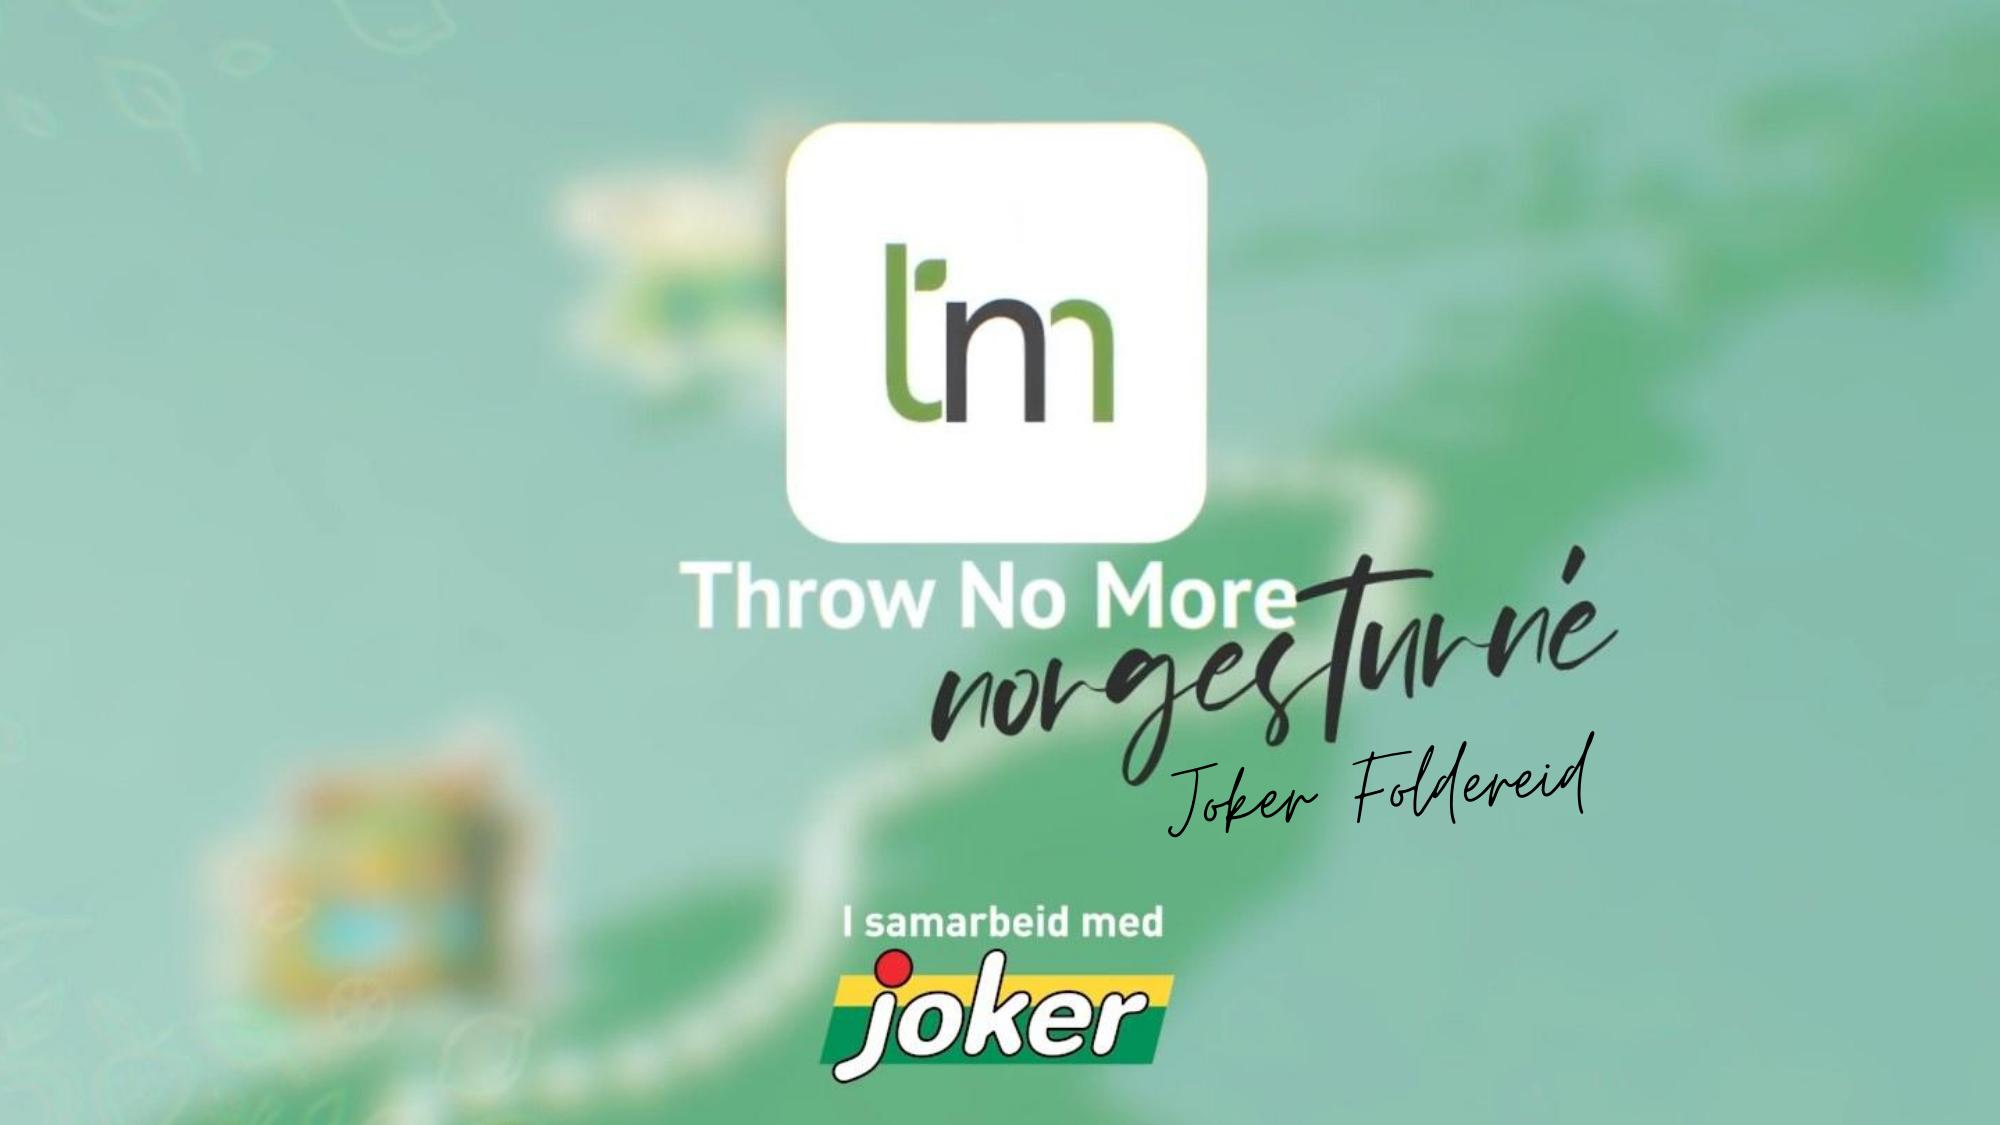 Throw No More